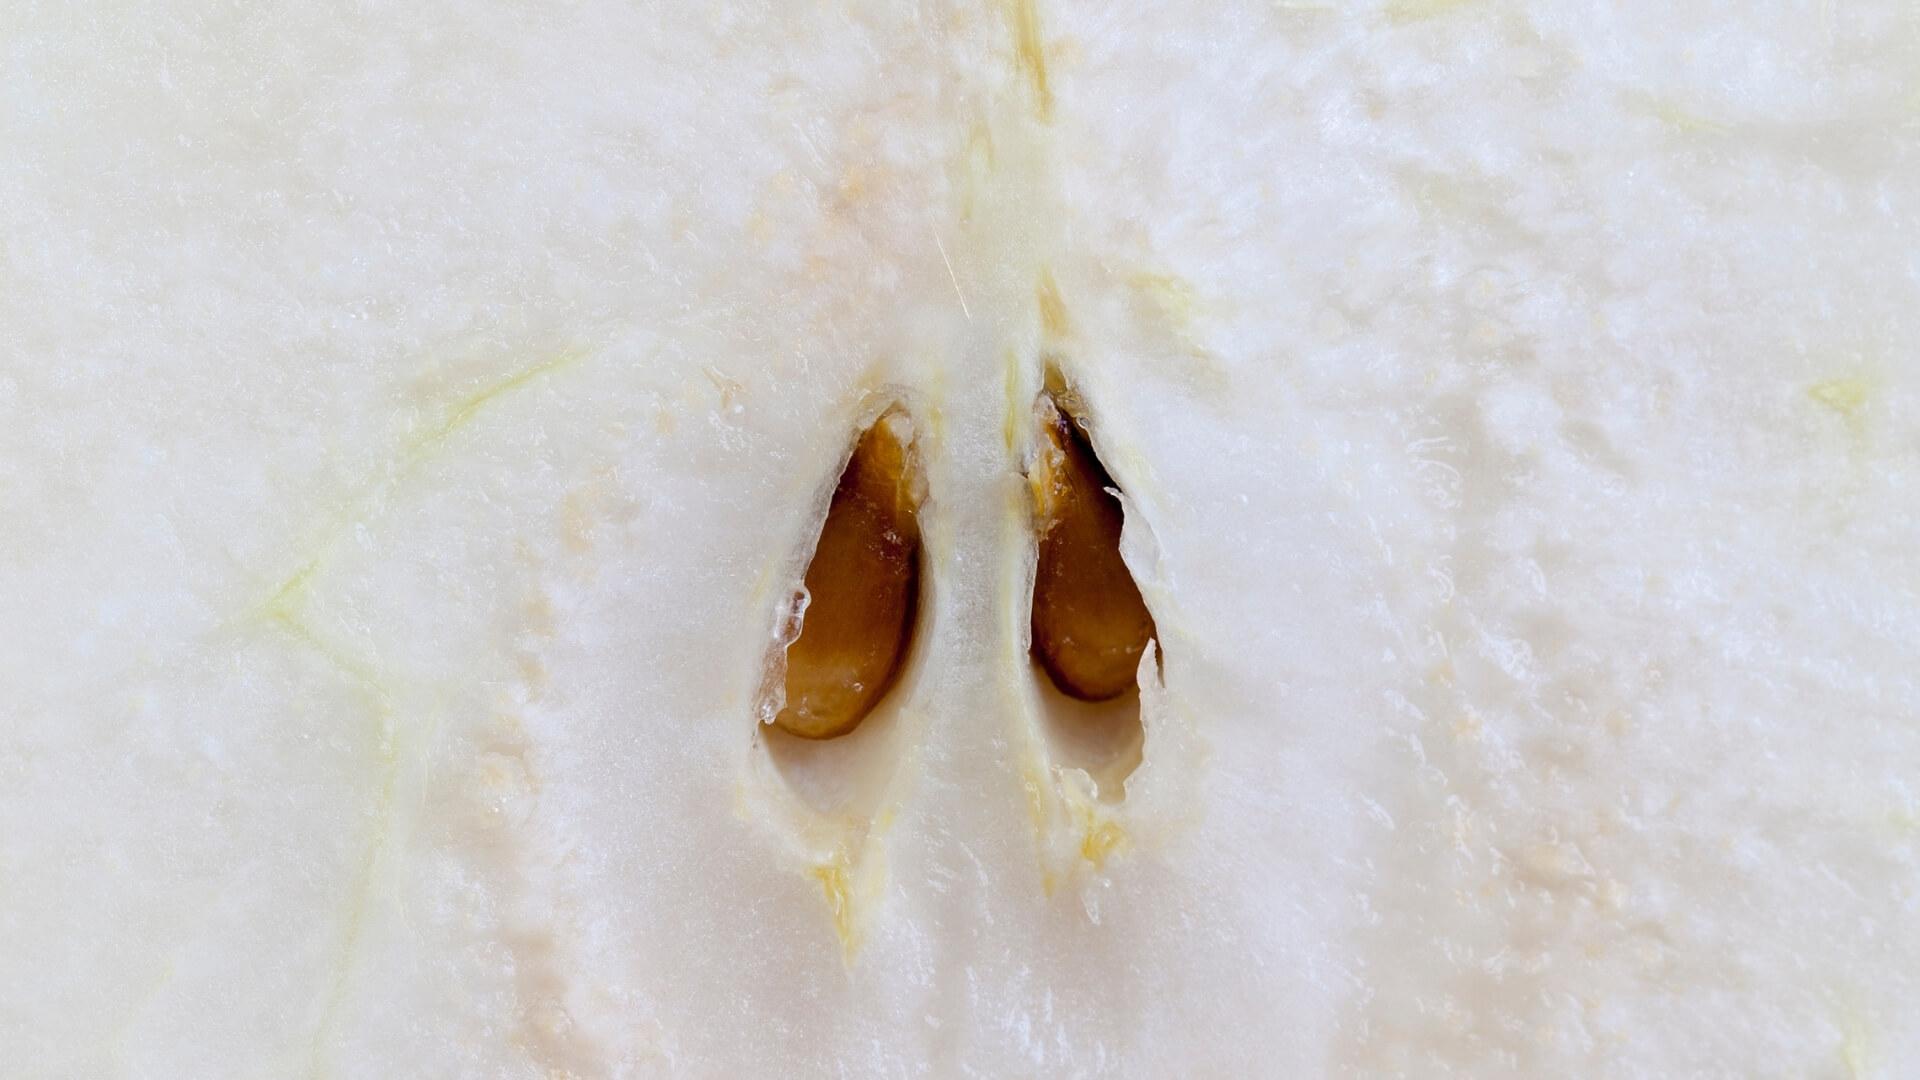 Pere senza semi: i frutti partenocarpici